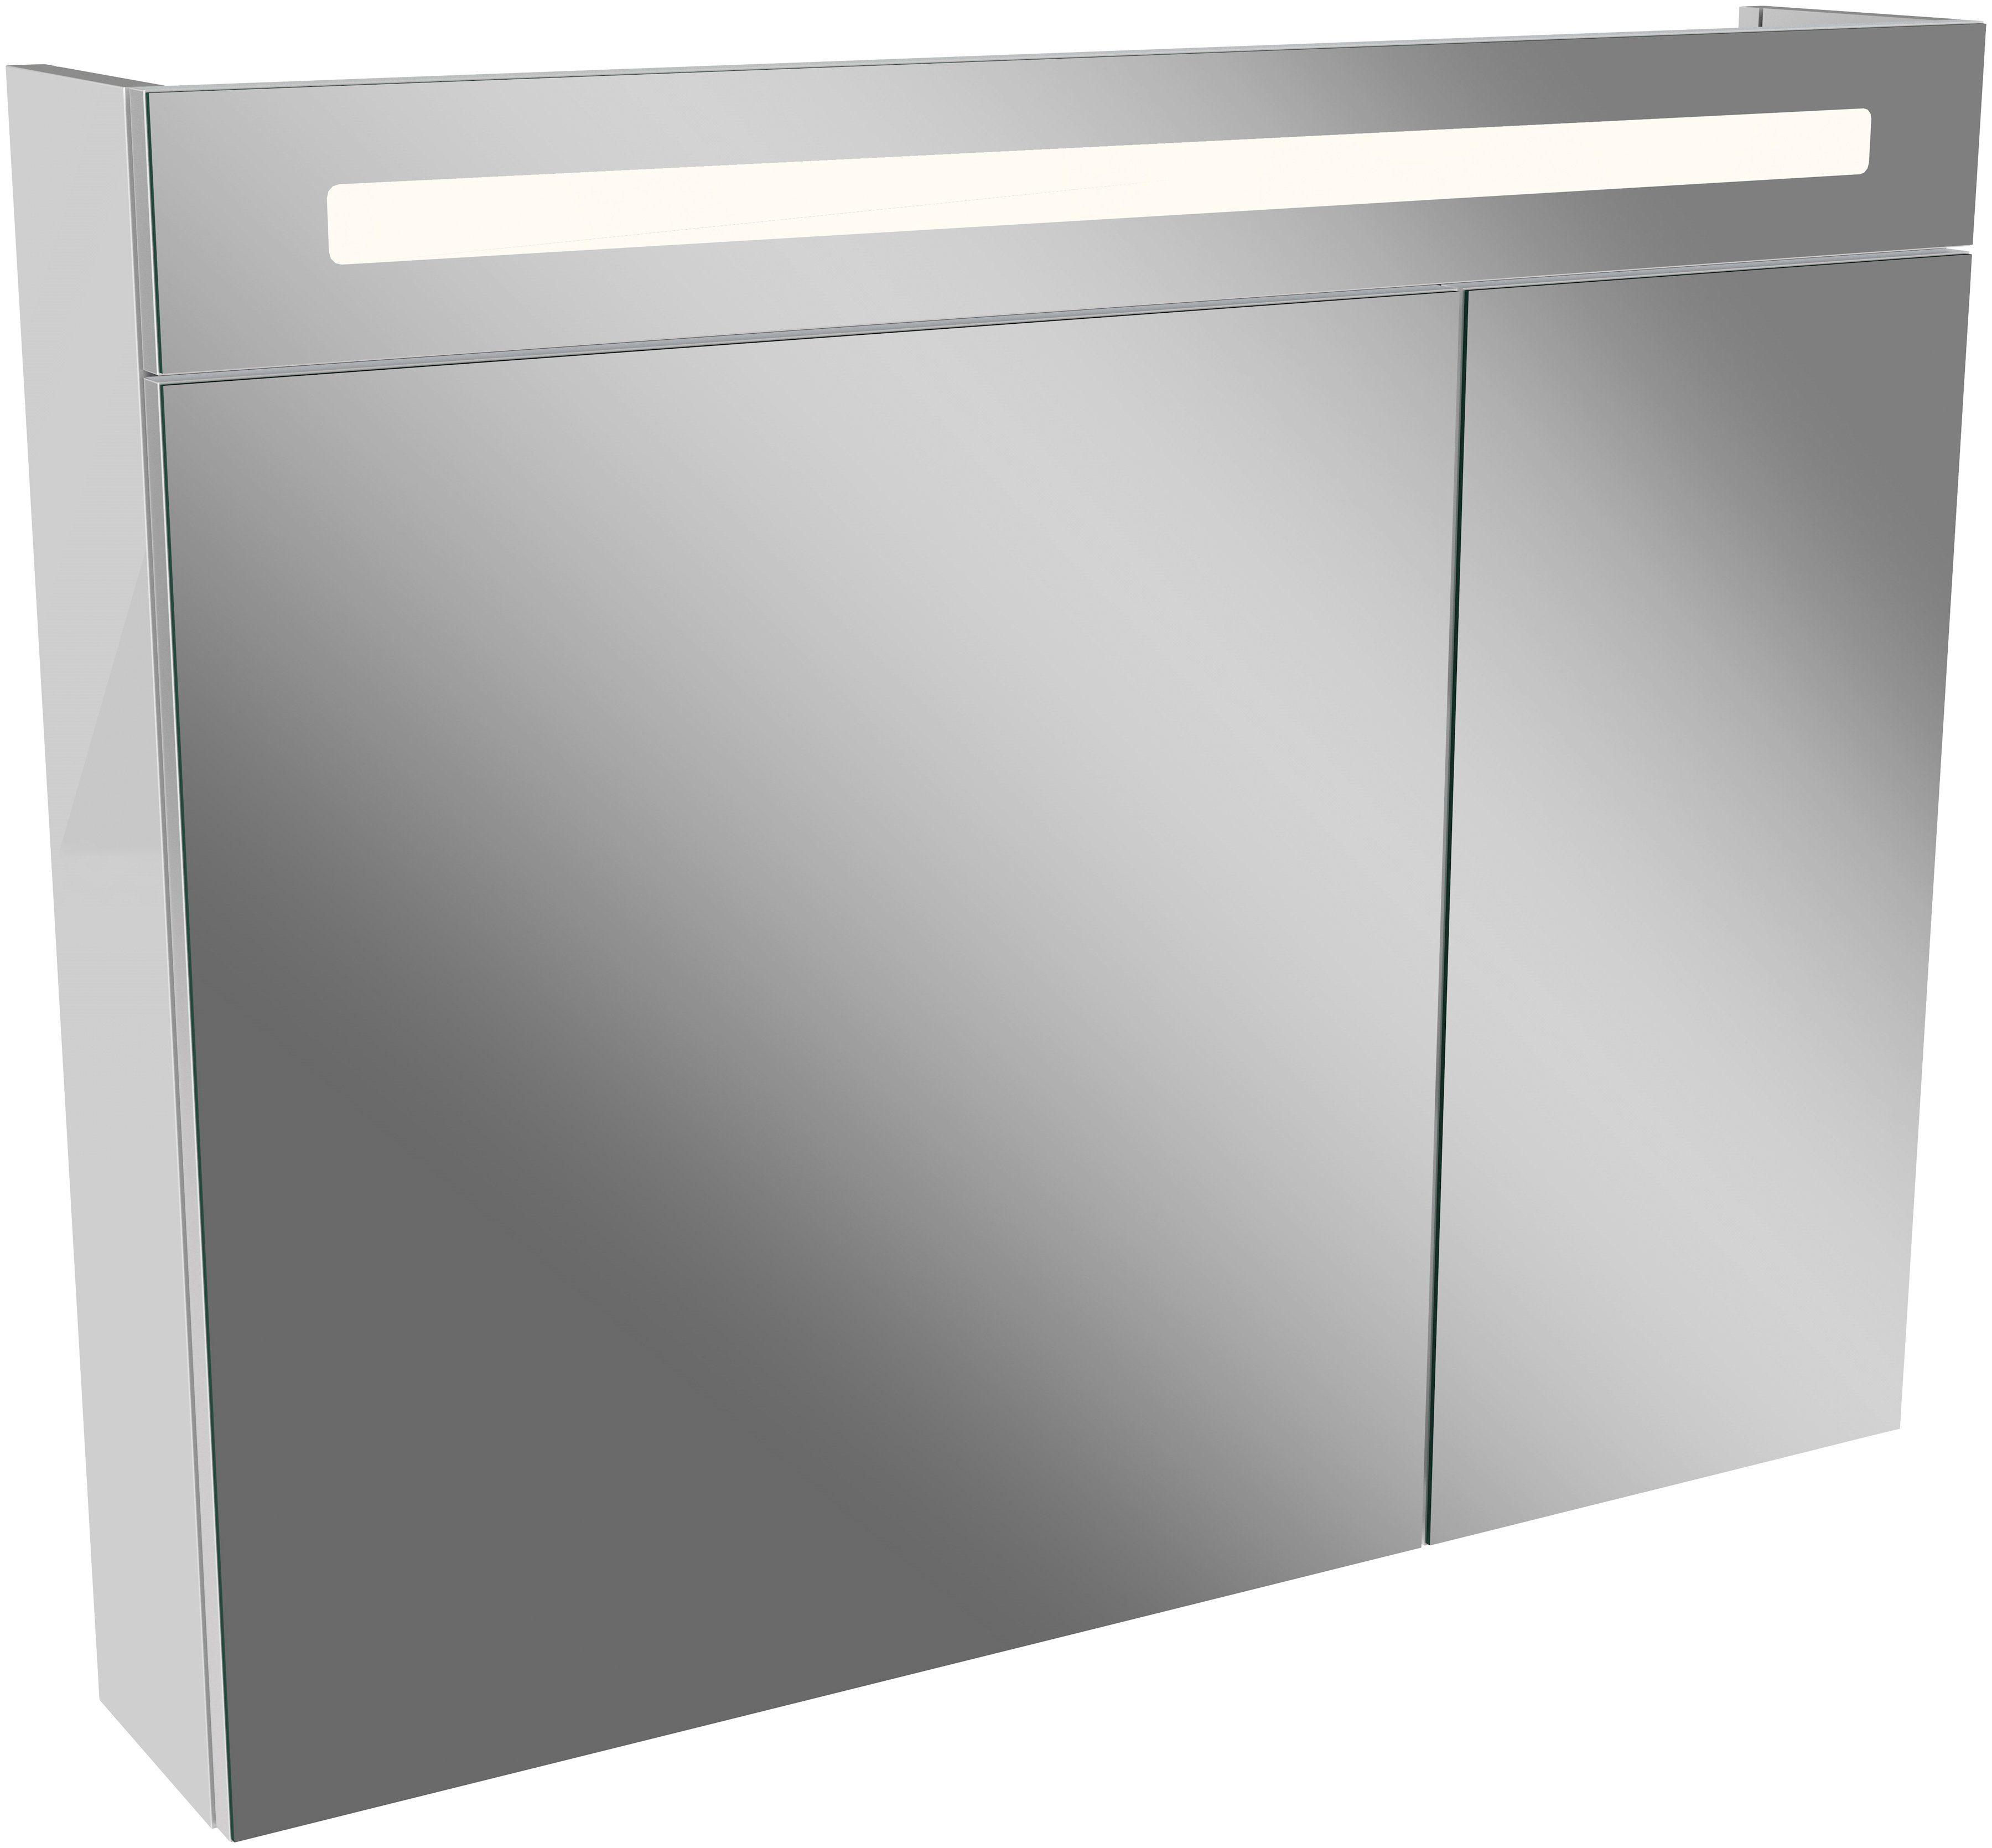 FACKELMANN Spiegelschrank »LN 90   weiß«, Breite 90 cm, 2 ...